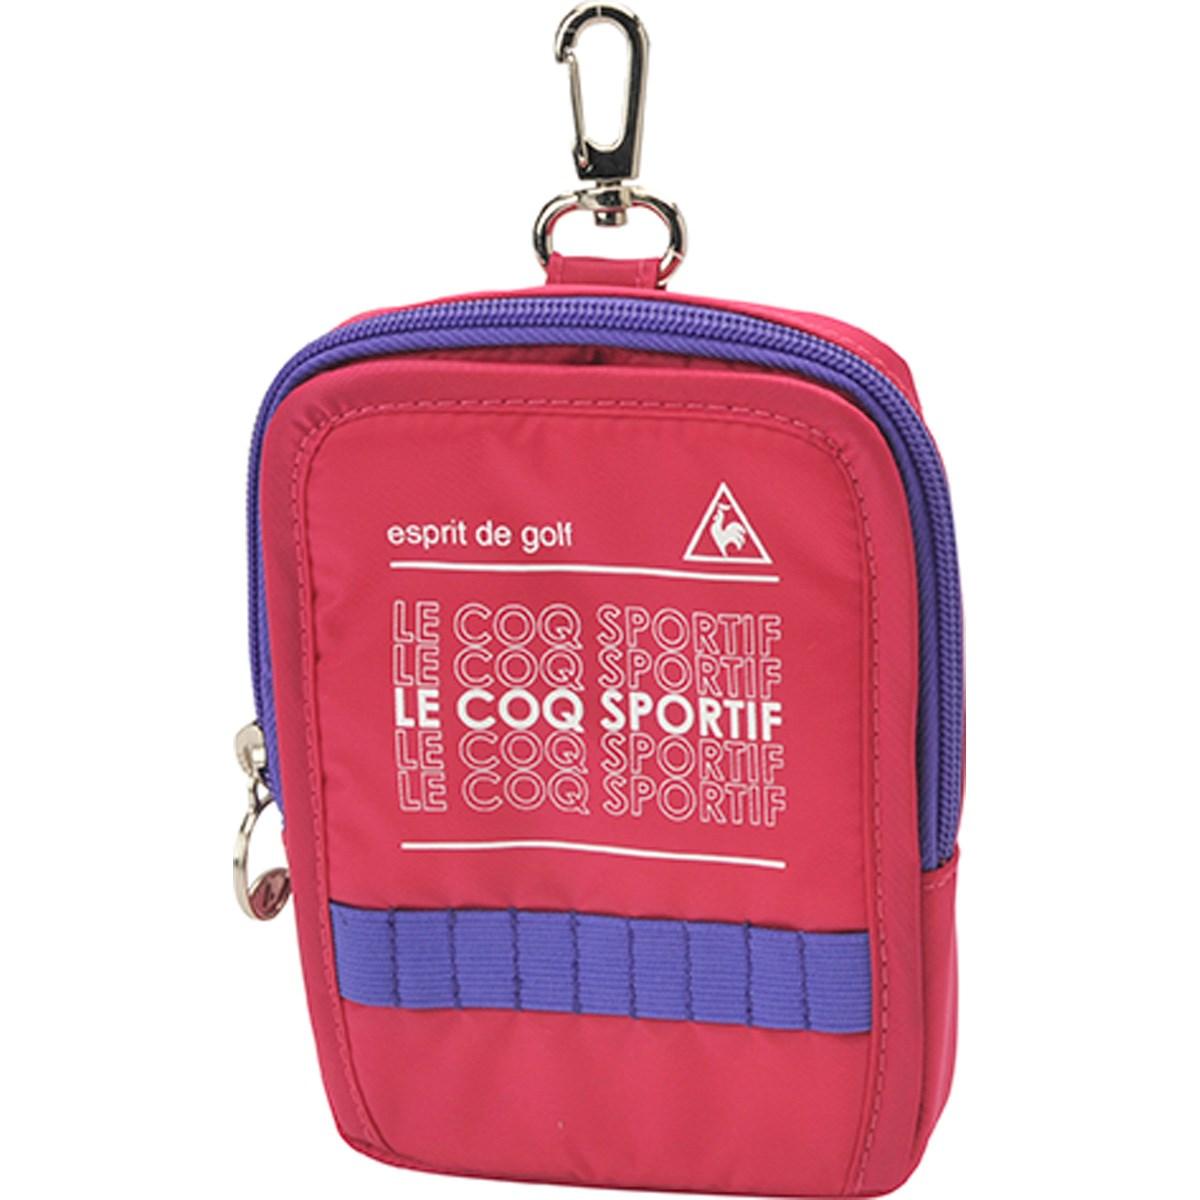 [2020年モデル] ルコックゴルフ Le coq sportif GOLF アクセサリーホルダー ピンク 00 メンズ